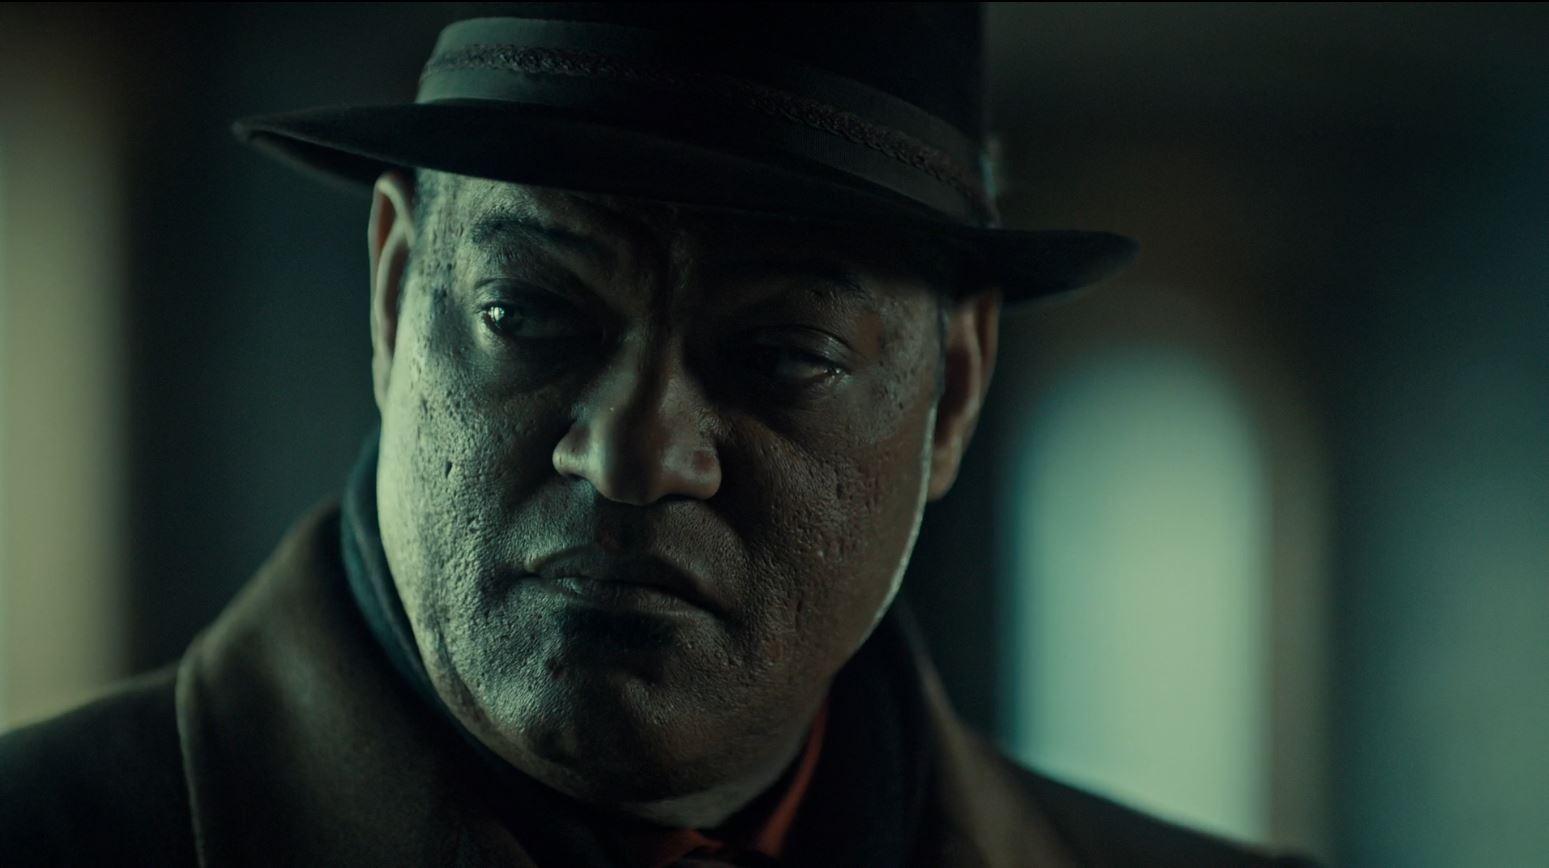 Hannibal Season 2 Episode 8 Su-zakana - Jack Crawford (Laurence Fishburne)